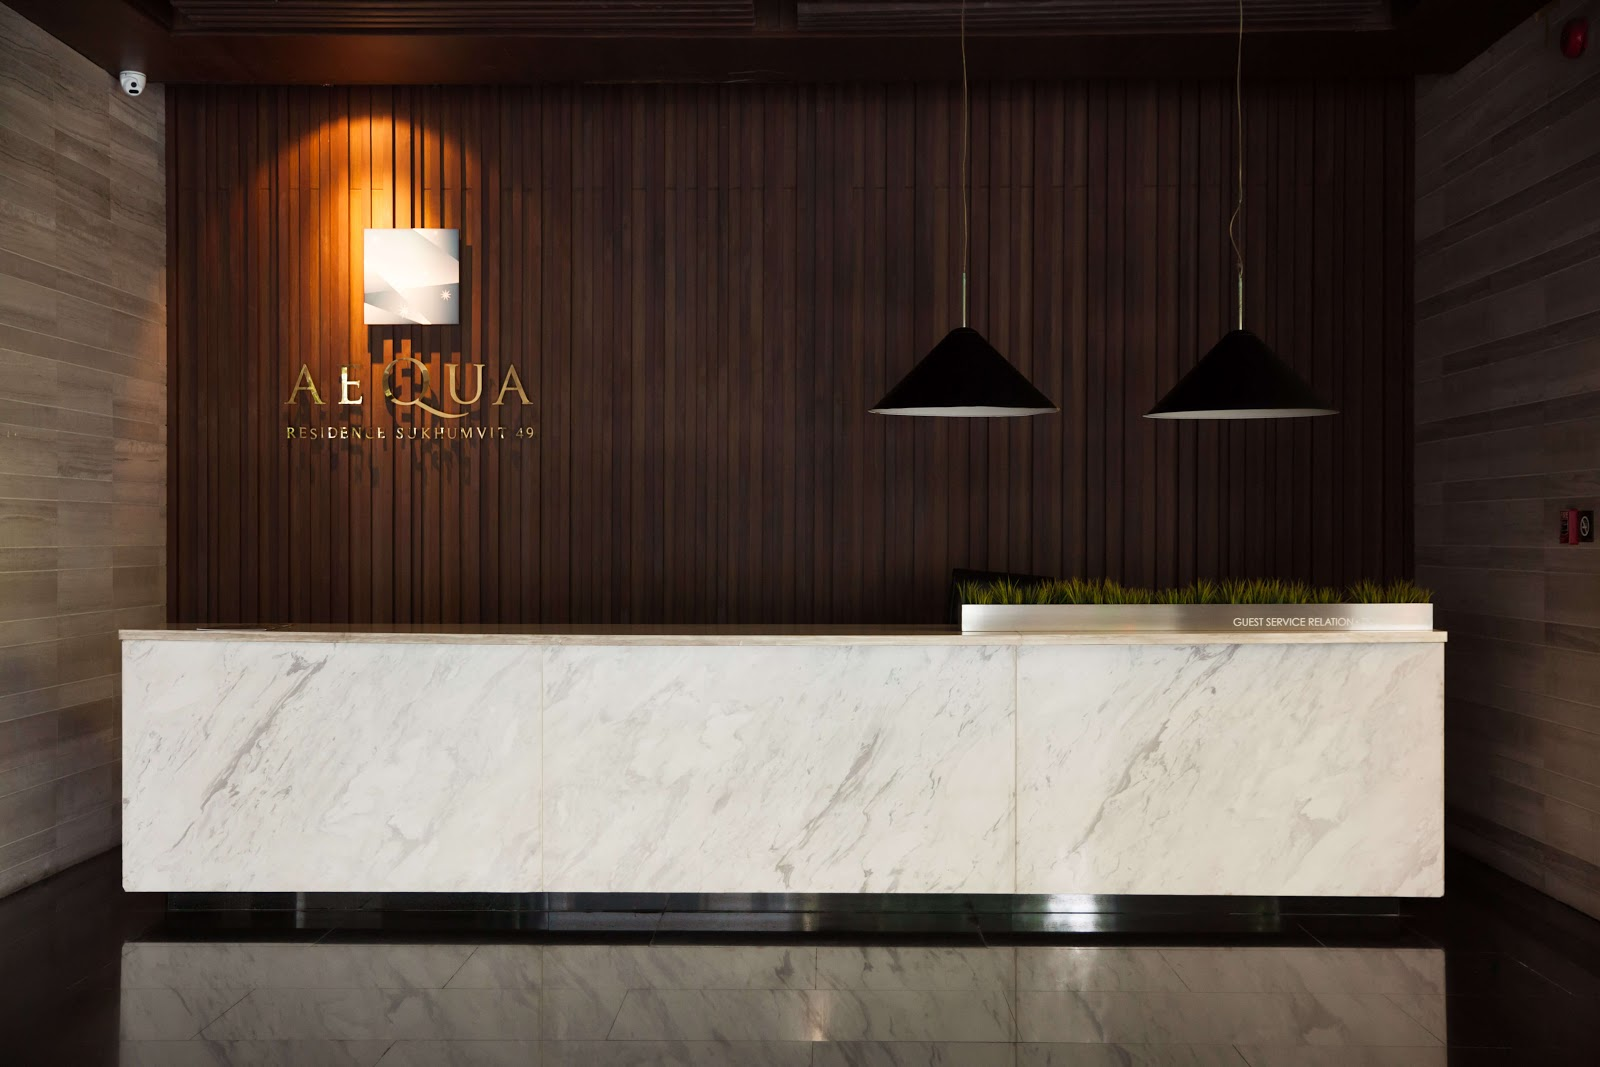 AEQUA Residence Skhumvit 49